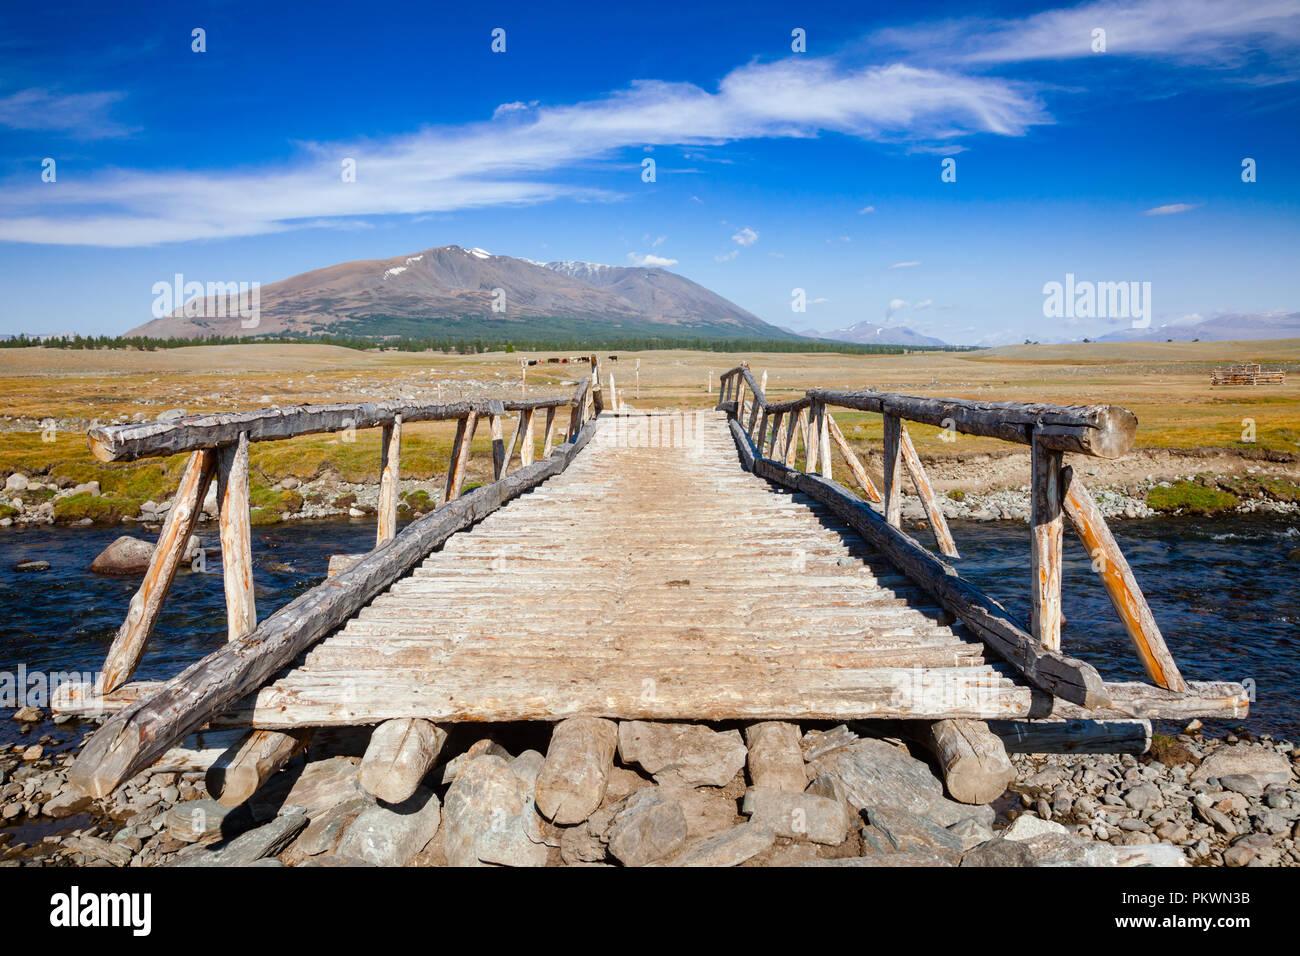 Pont de bois sur une rivière avec des montagnes en arrière-plan, les montagnes de l'Altaï, dans l'ouest de la Mongolie Photo Stock